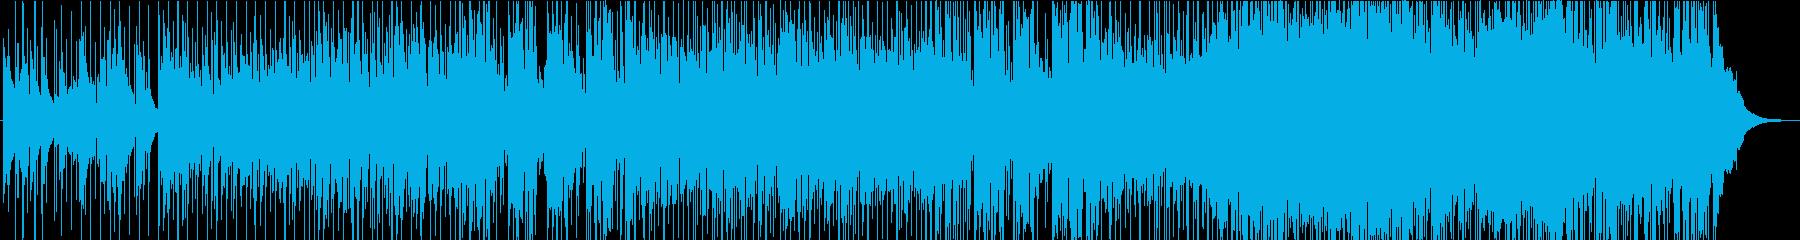 エックスの再生済みの波形